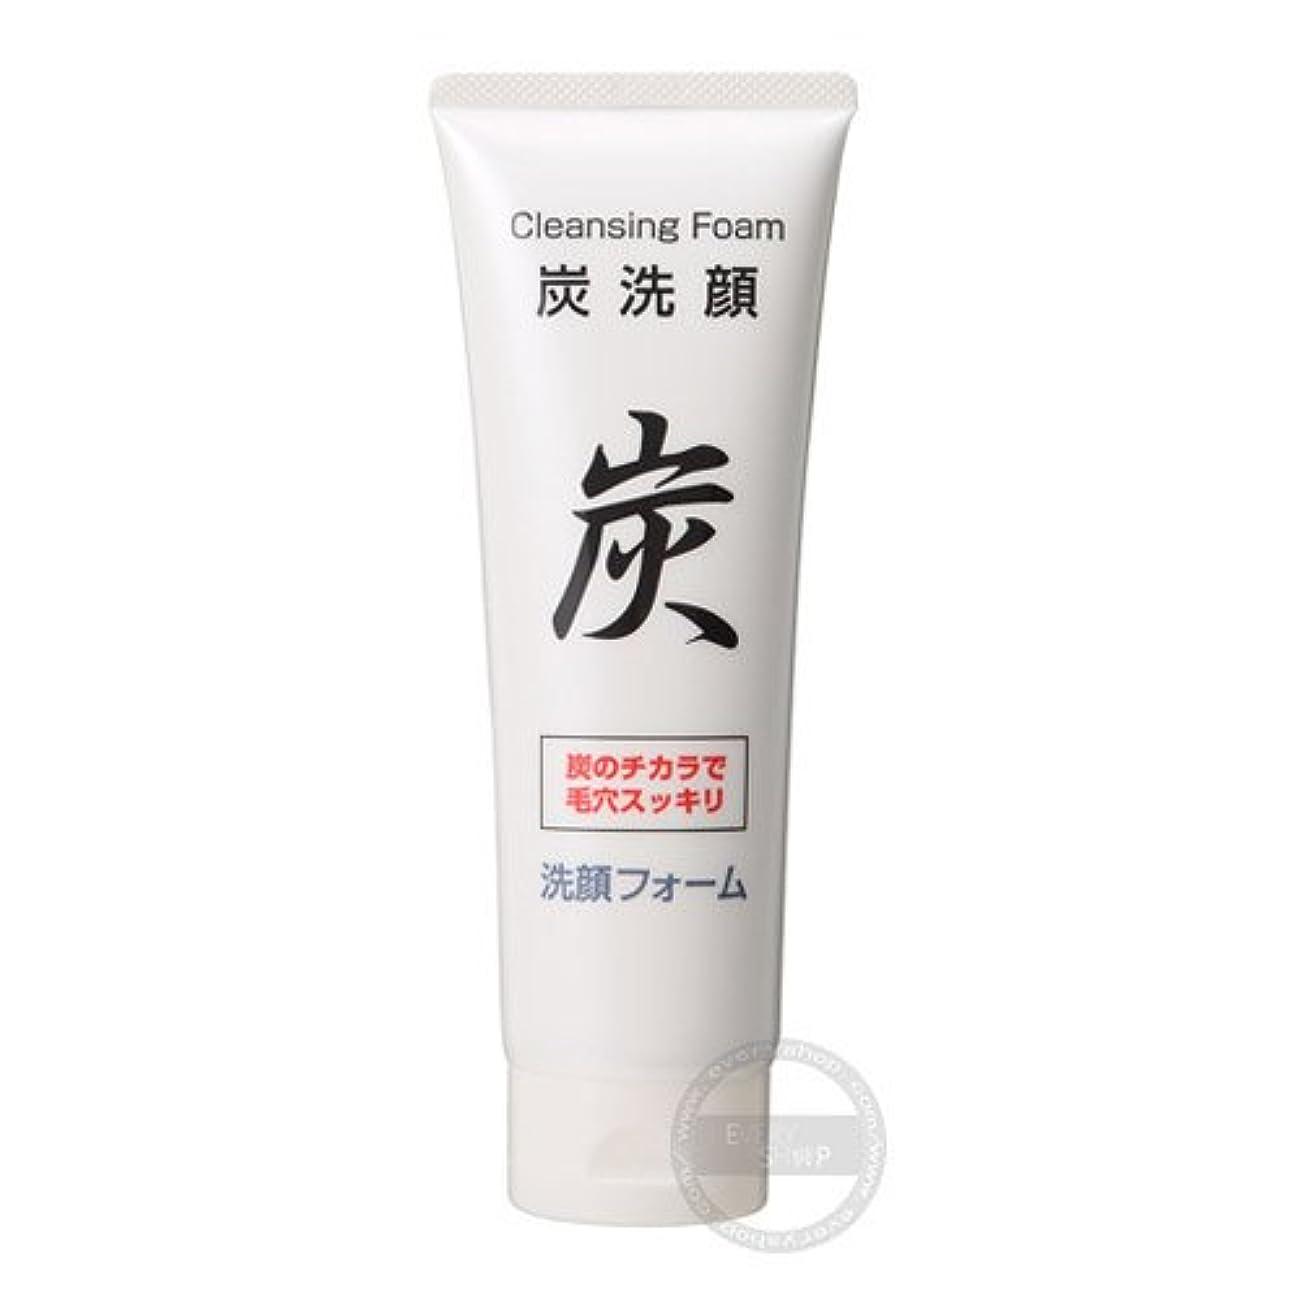 原点誤解を招く軽蔑する炭洗顔 洗顔フォーム‐KH544725